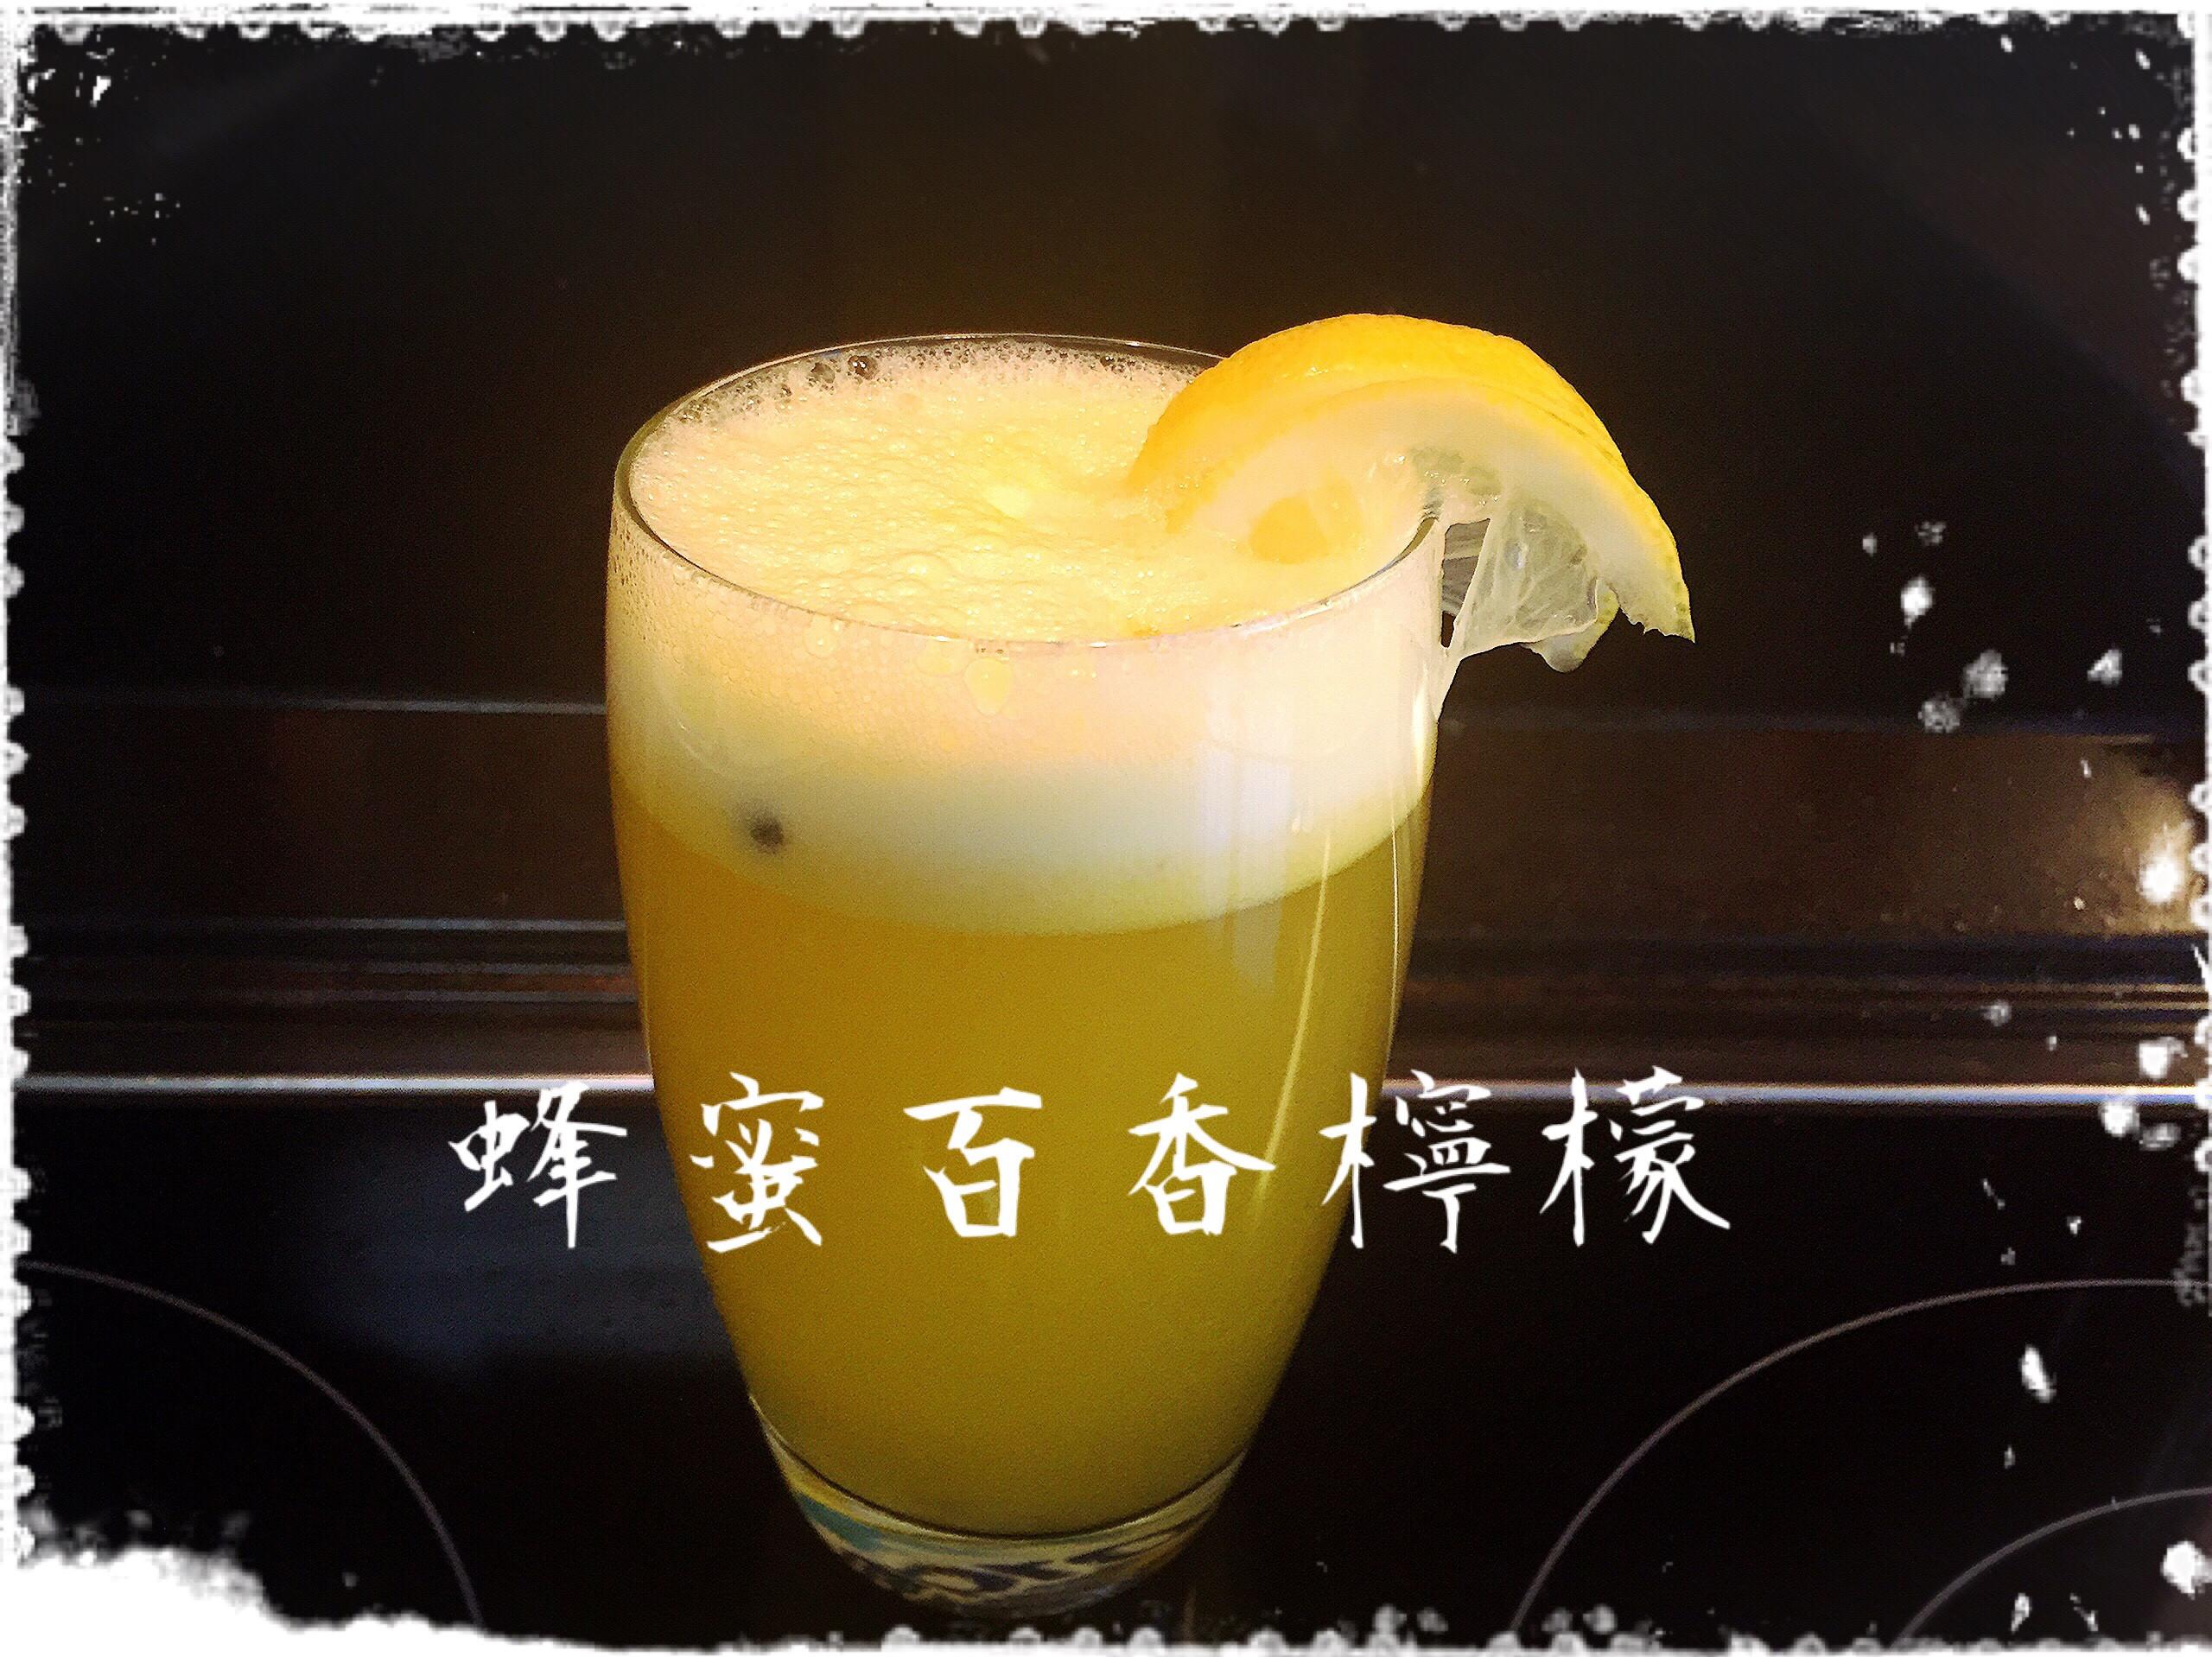 「蜂蜜百香檸檬水」養顏美容